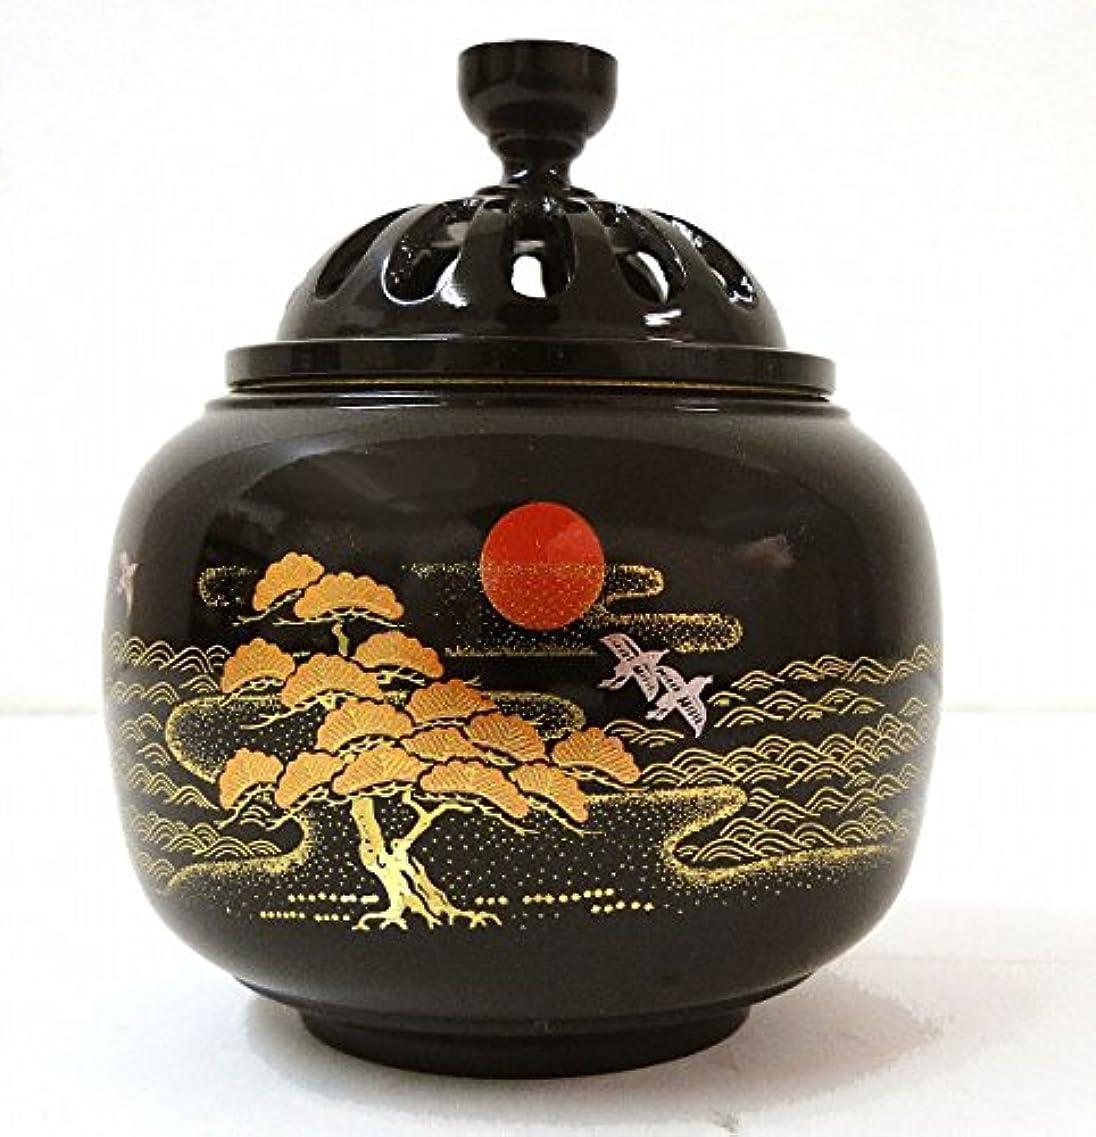 気絶させるシネウィ隣接する『玉胴型香炉?日ノ出松蒔絵』銅製